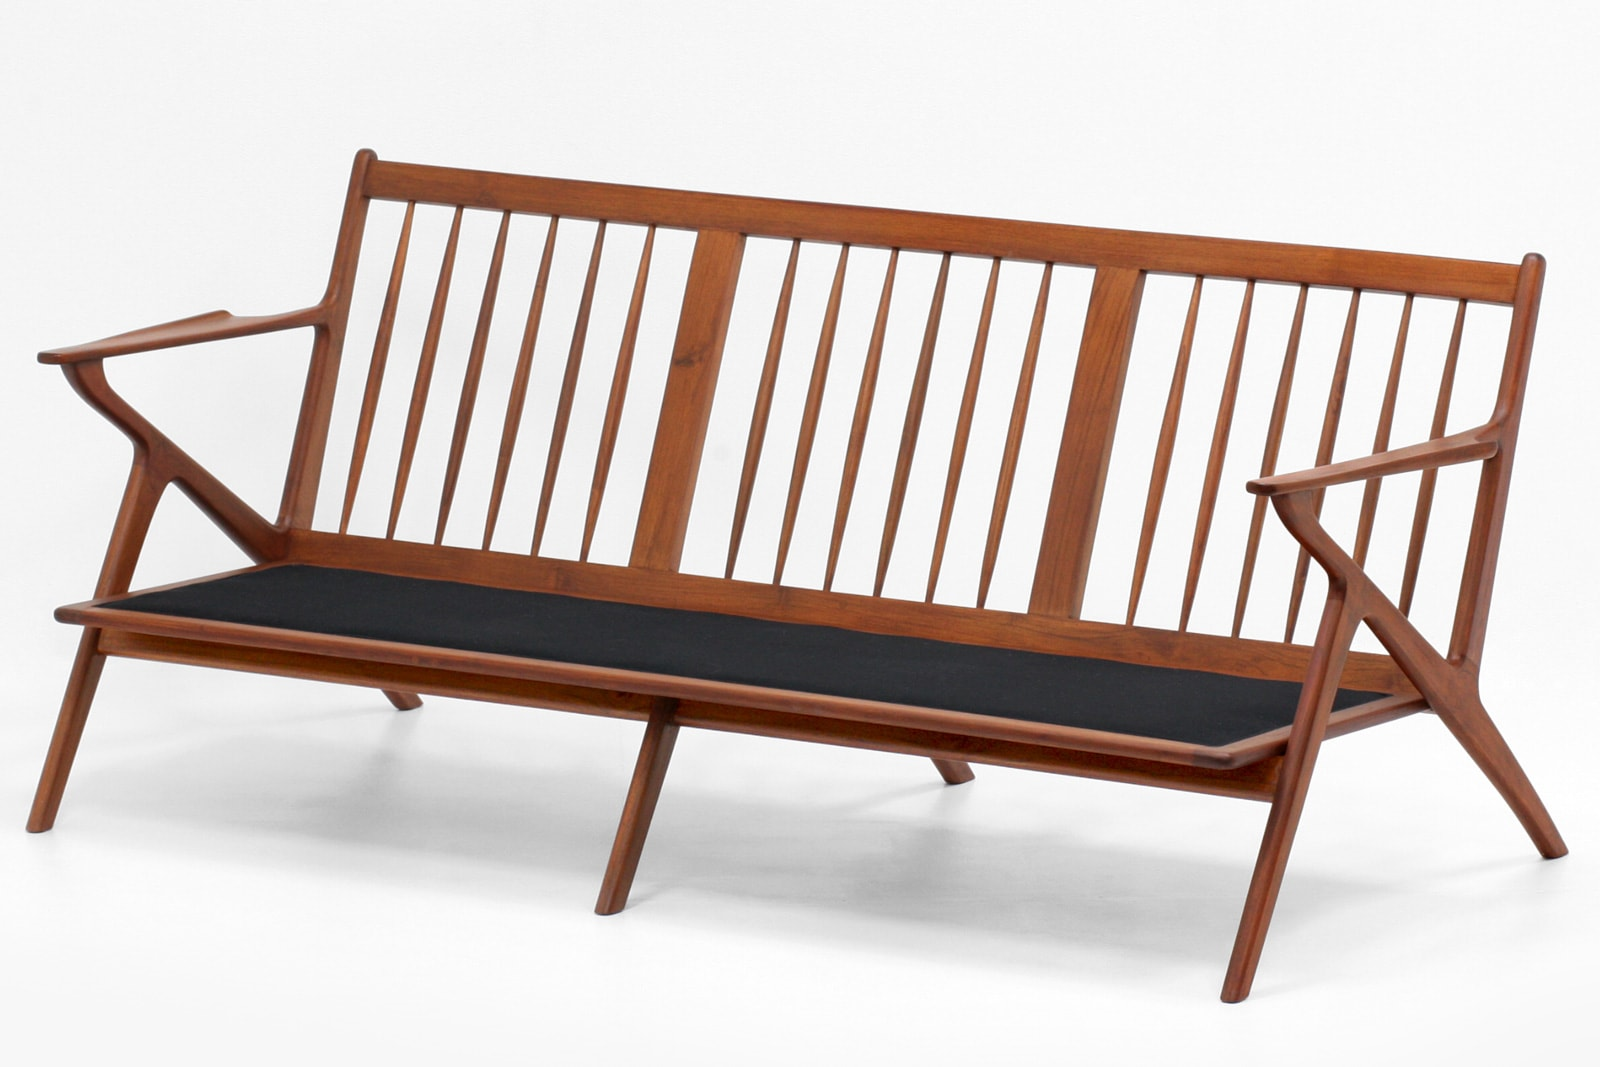 北欧,デザイン,家具,クロッケン,チーク材,ソファ,3人掛け,ネイビー